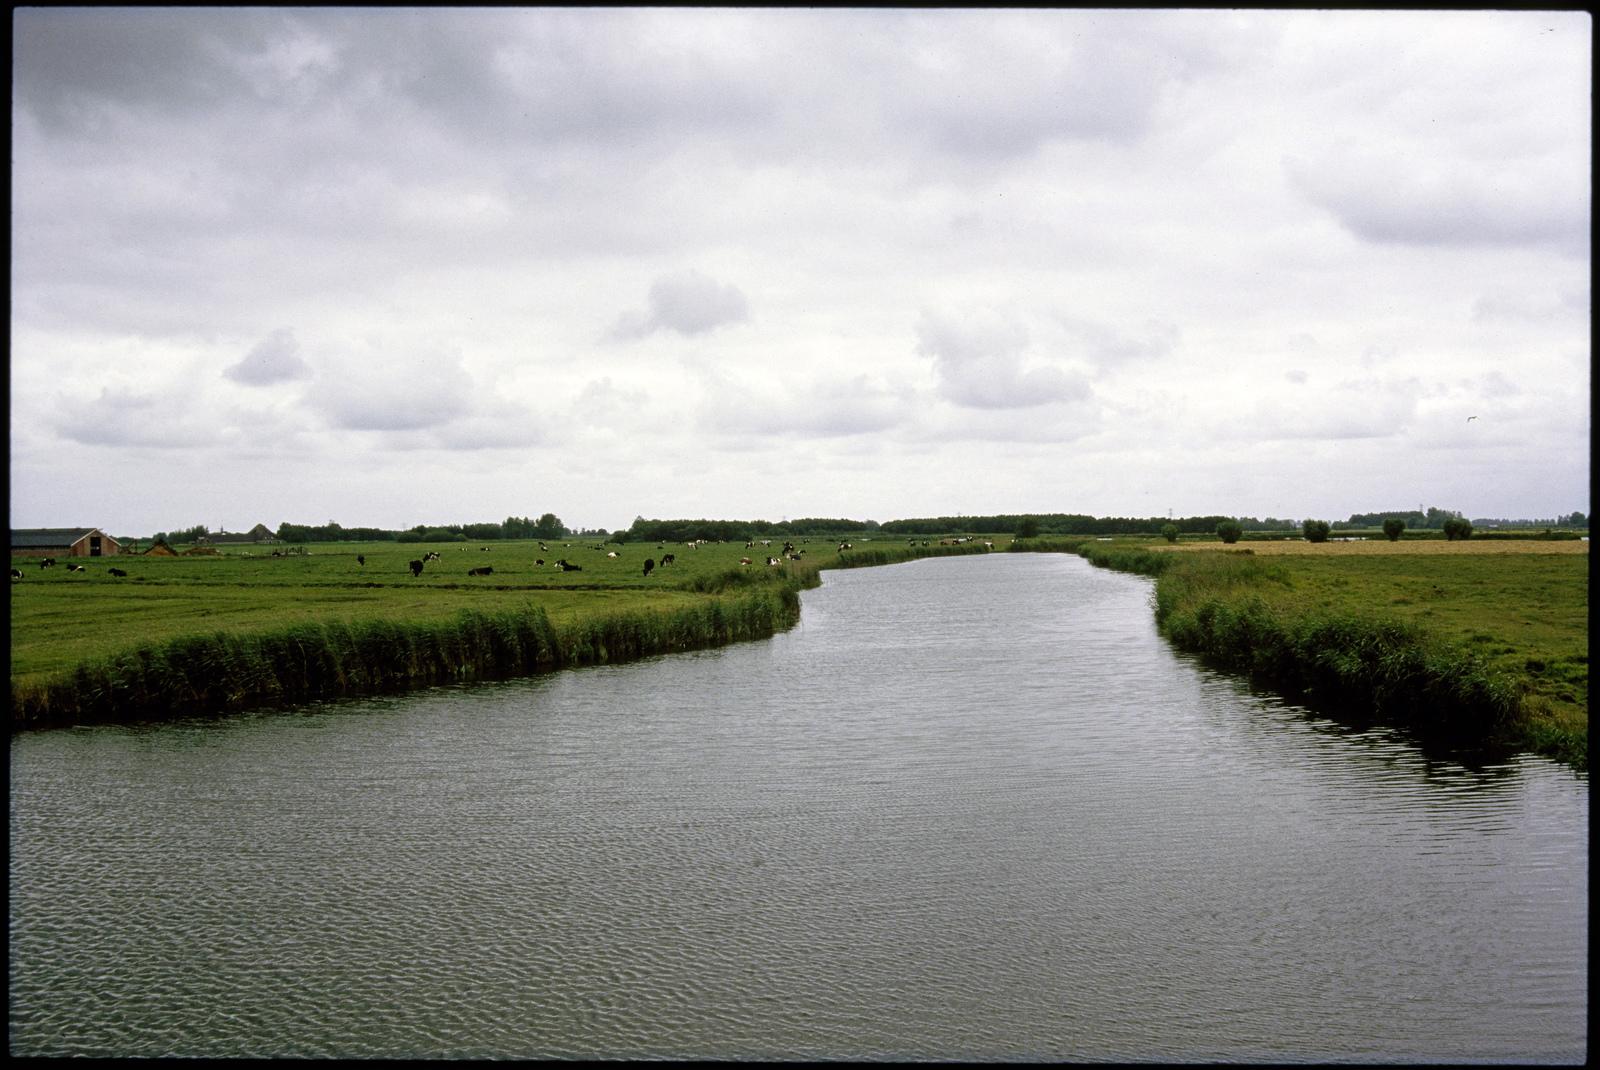 Natuurreservaat Knie in de Eilandspolder